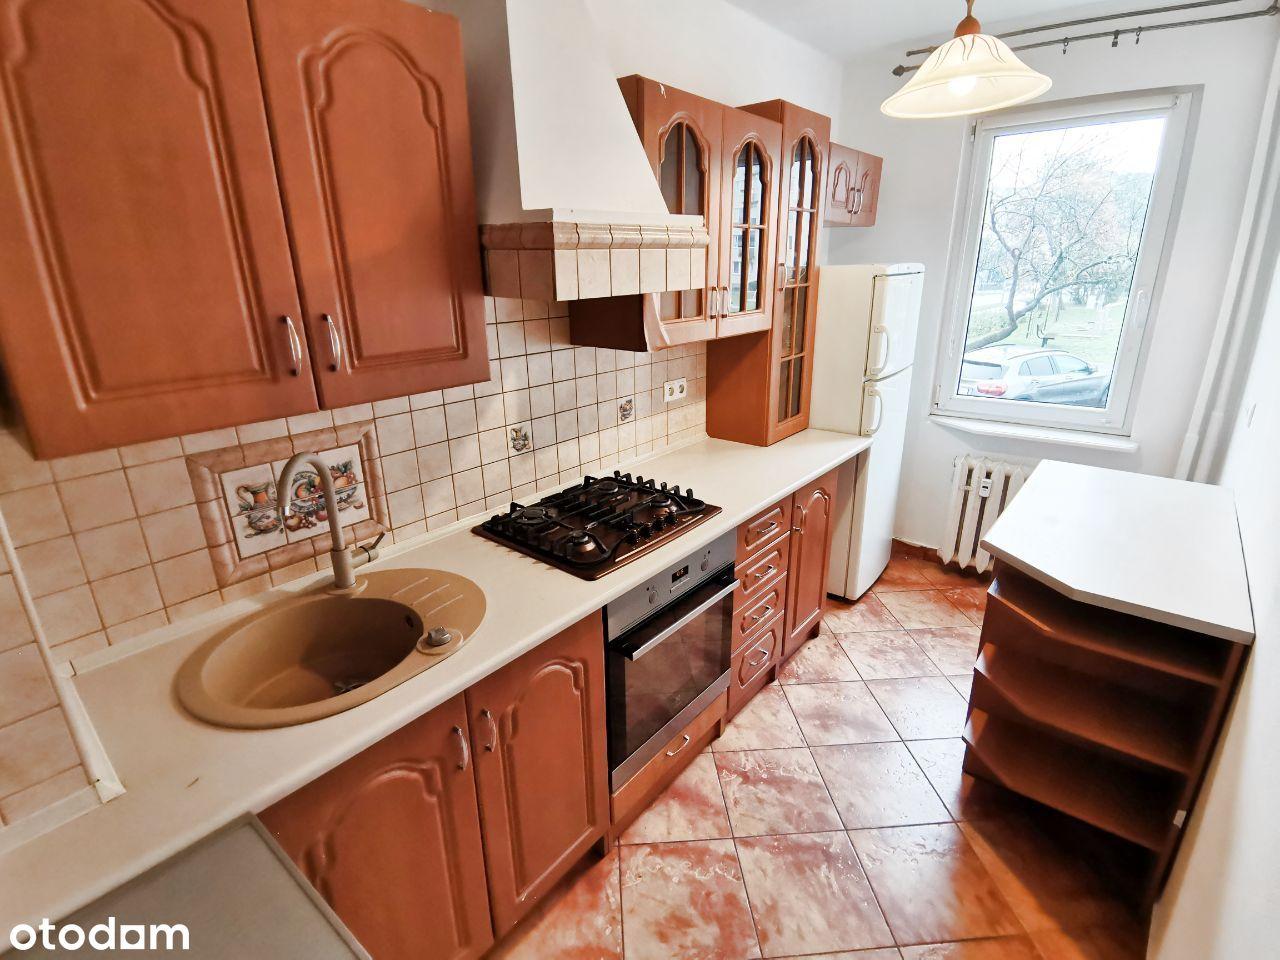 Mieszkanie 3-pokojowe z piwnicą , os. Staszica